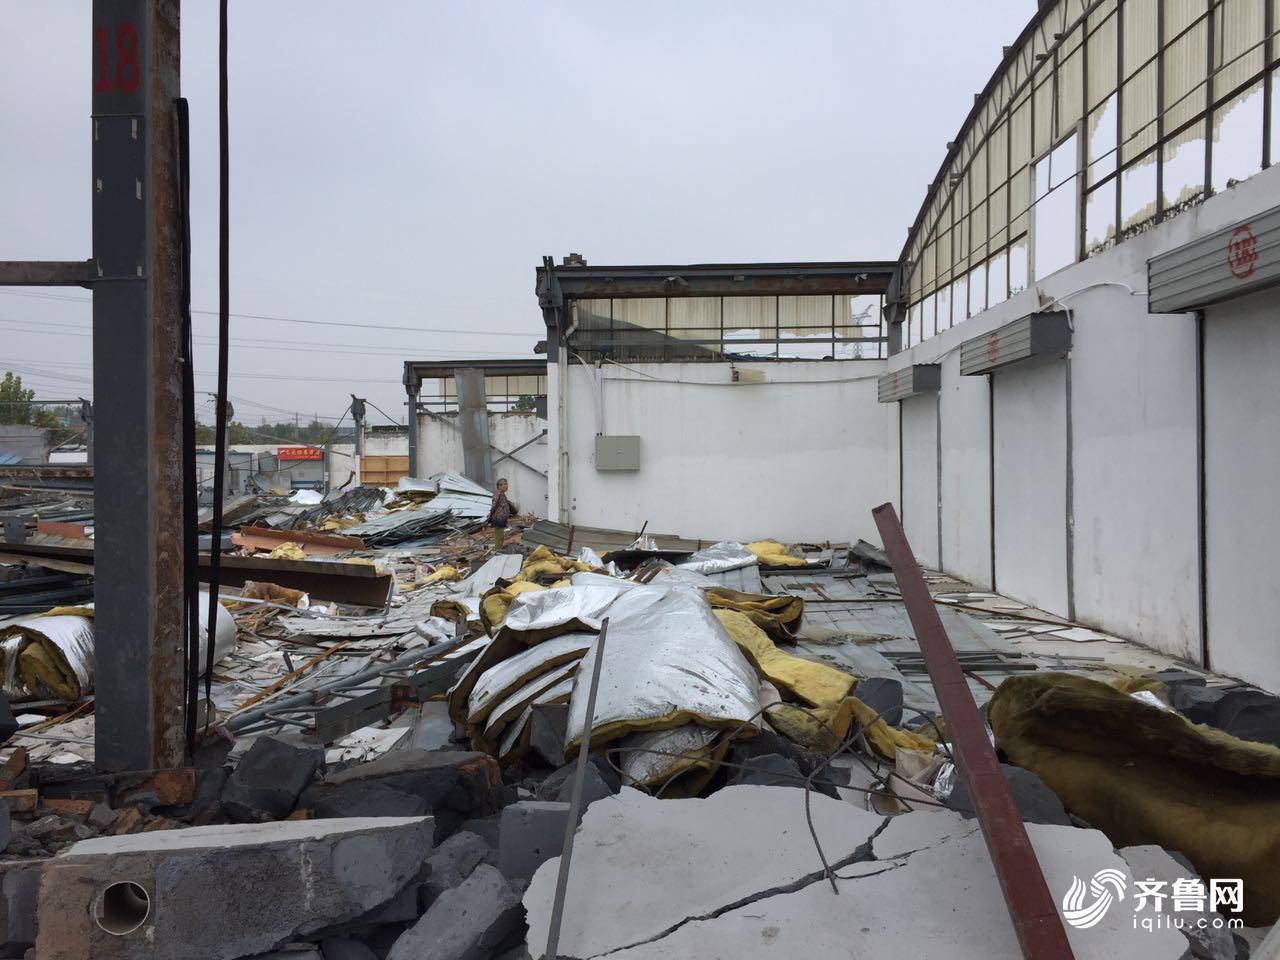 今天上午,20多名施工人员正在拆除市场内的?#32440;?#26500;,整个市场内的违法